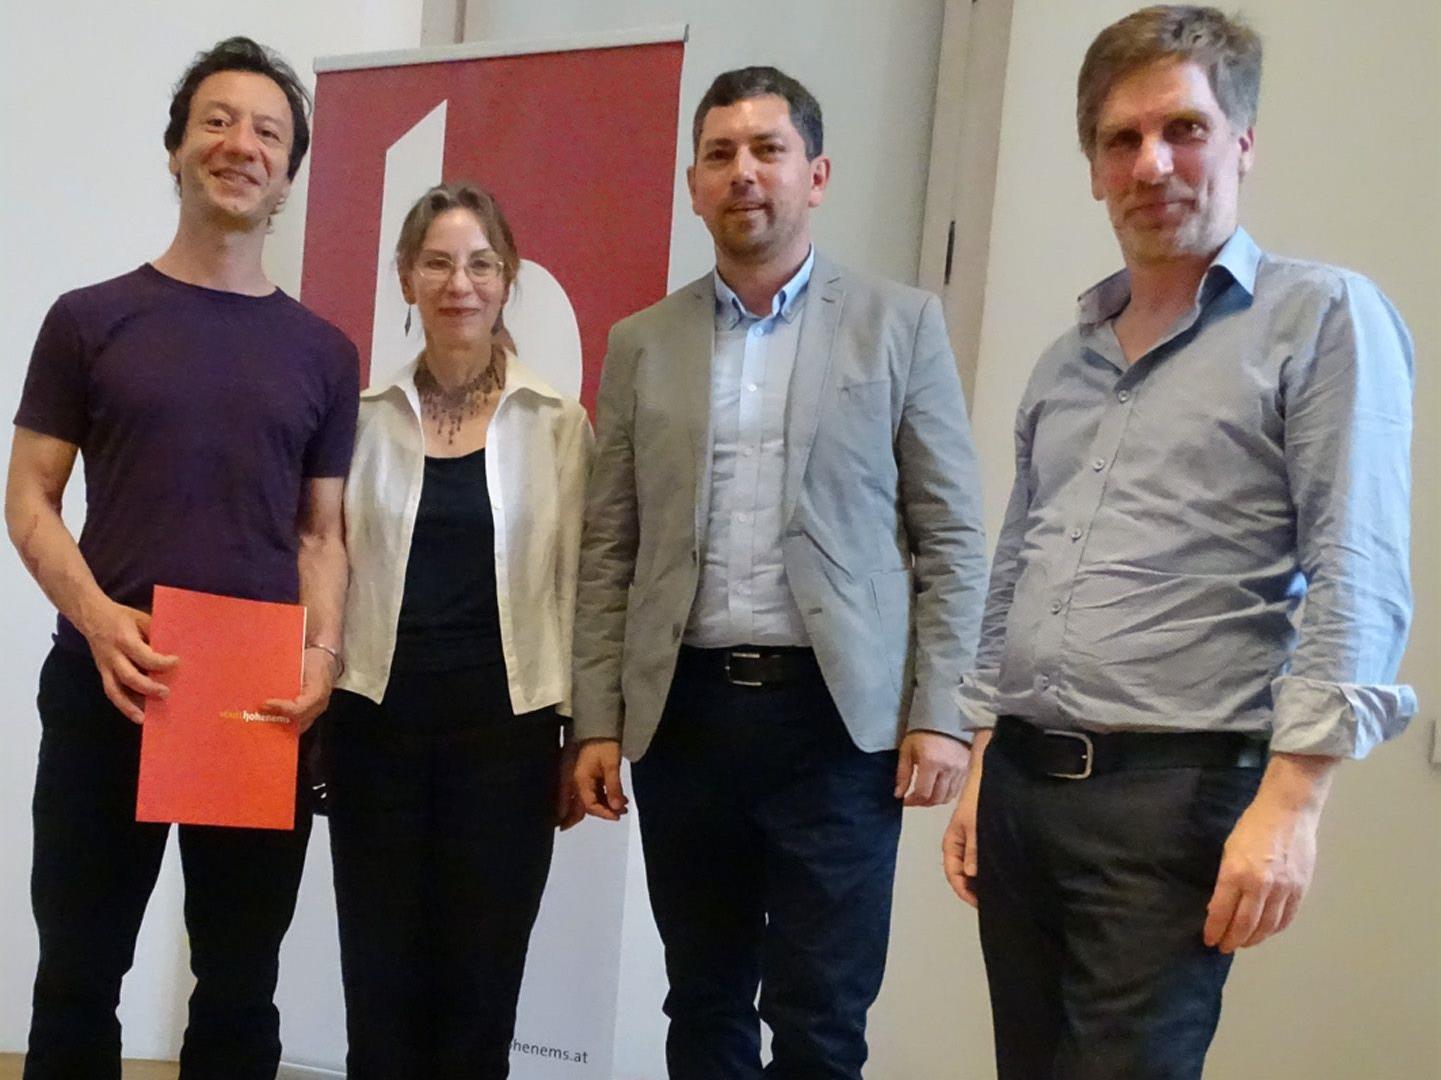 Selim Özdogan, Festrednerin Anna Mitgutsch, StR. Markus Klien und Winfried Nußbaummüller (v.l.).